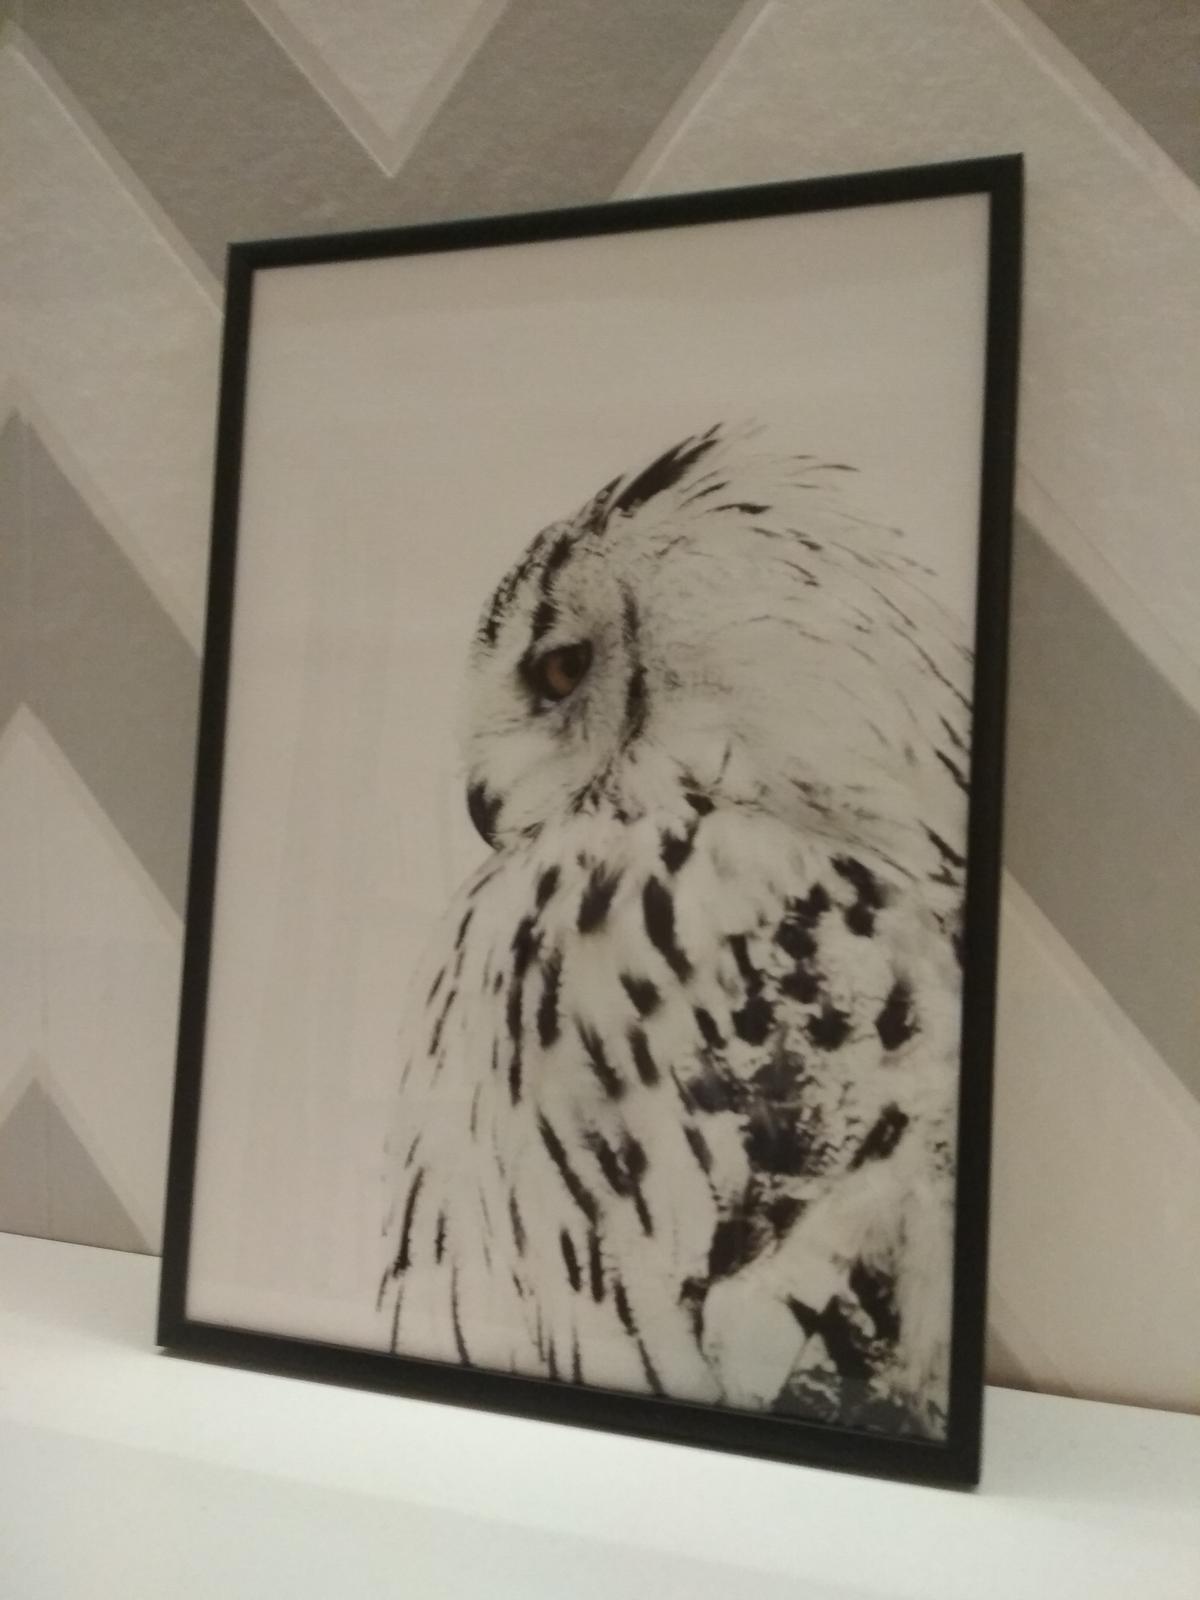 Moje galerie - Obrázek č. 1